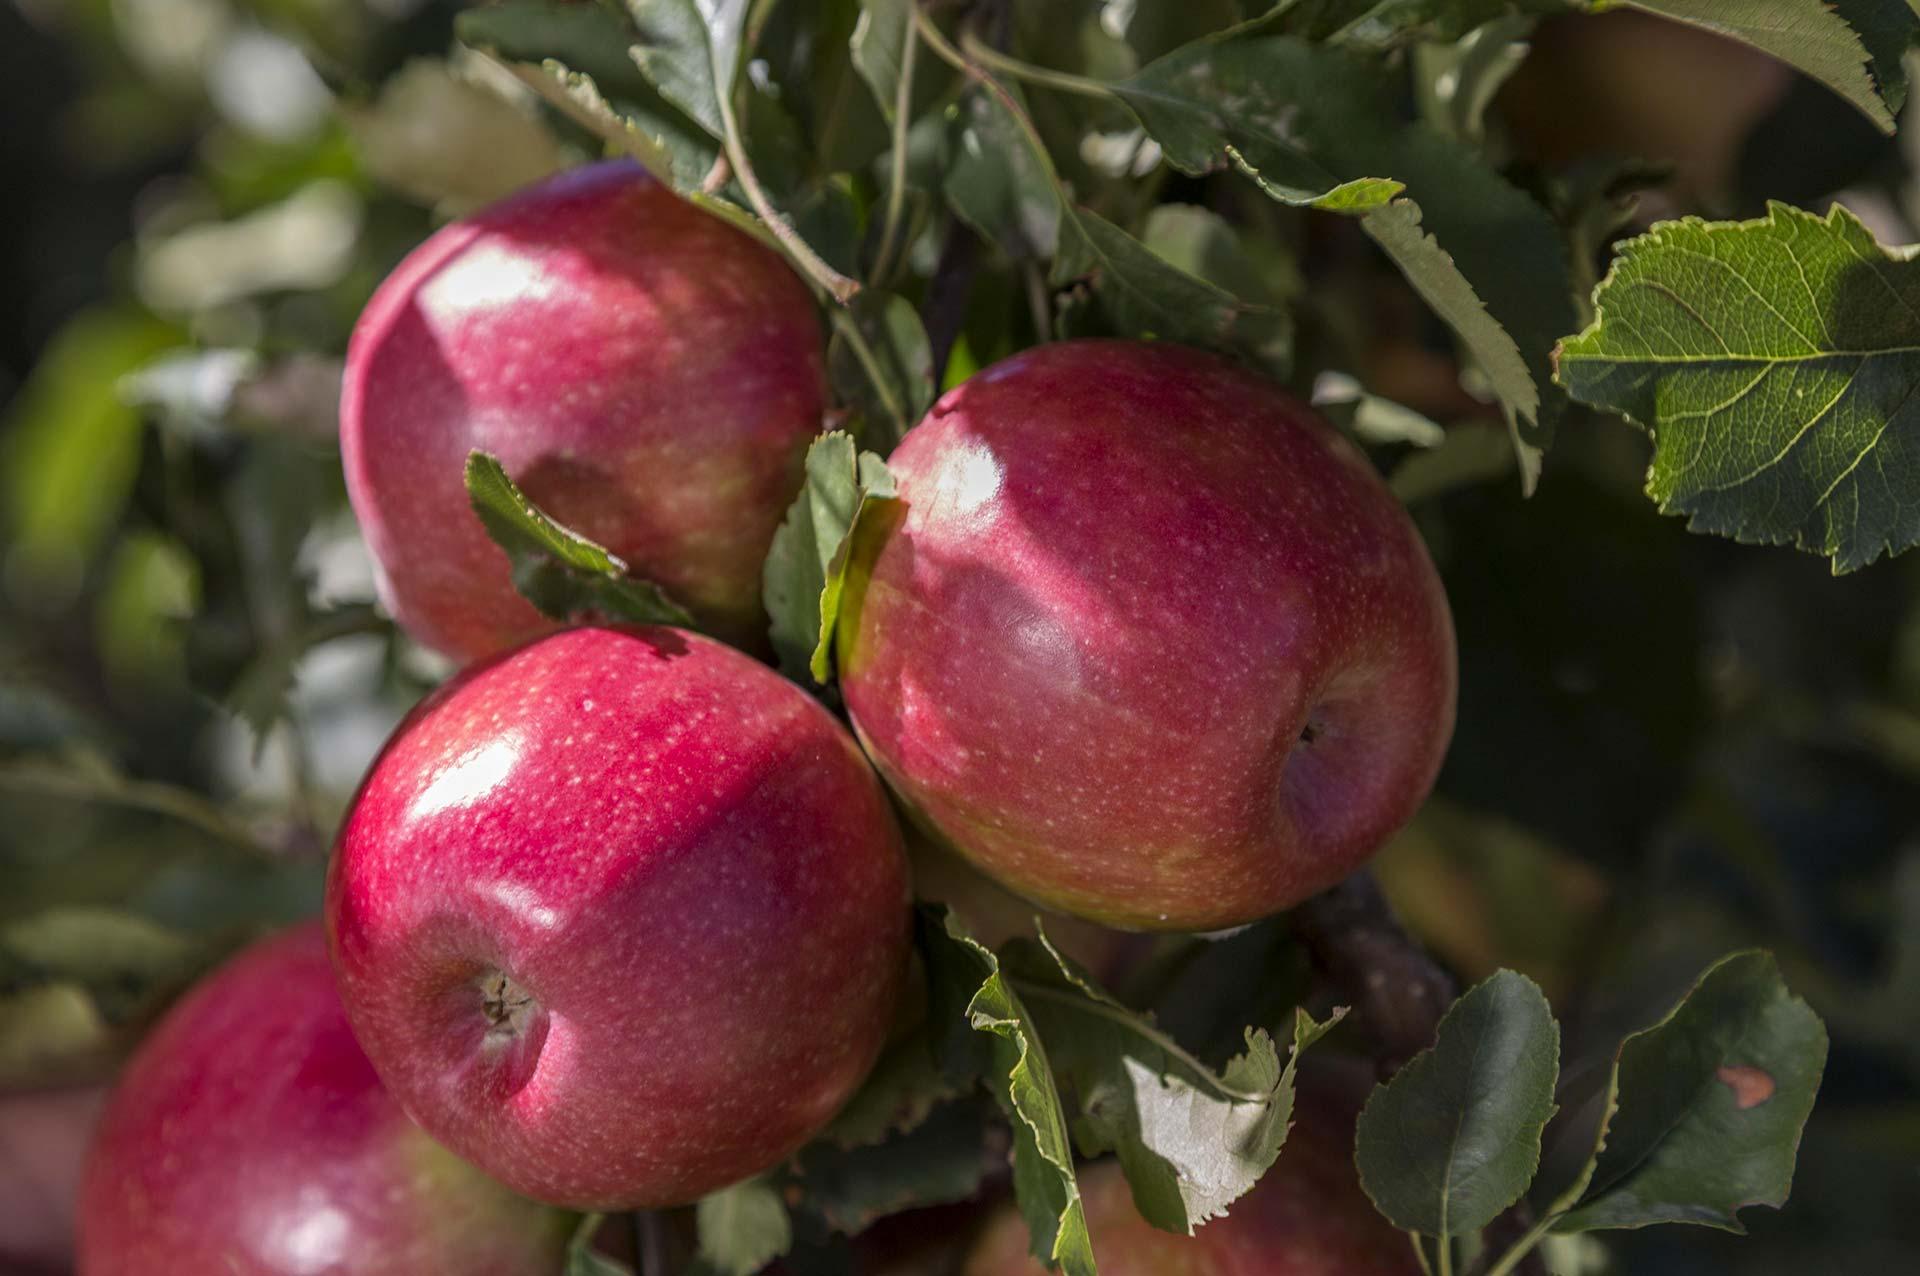 Appels farming